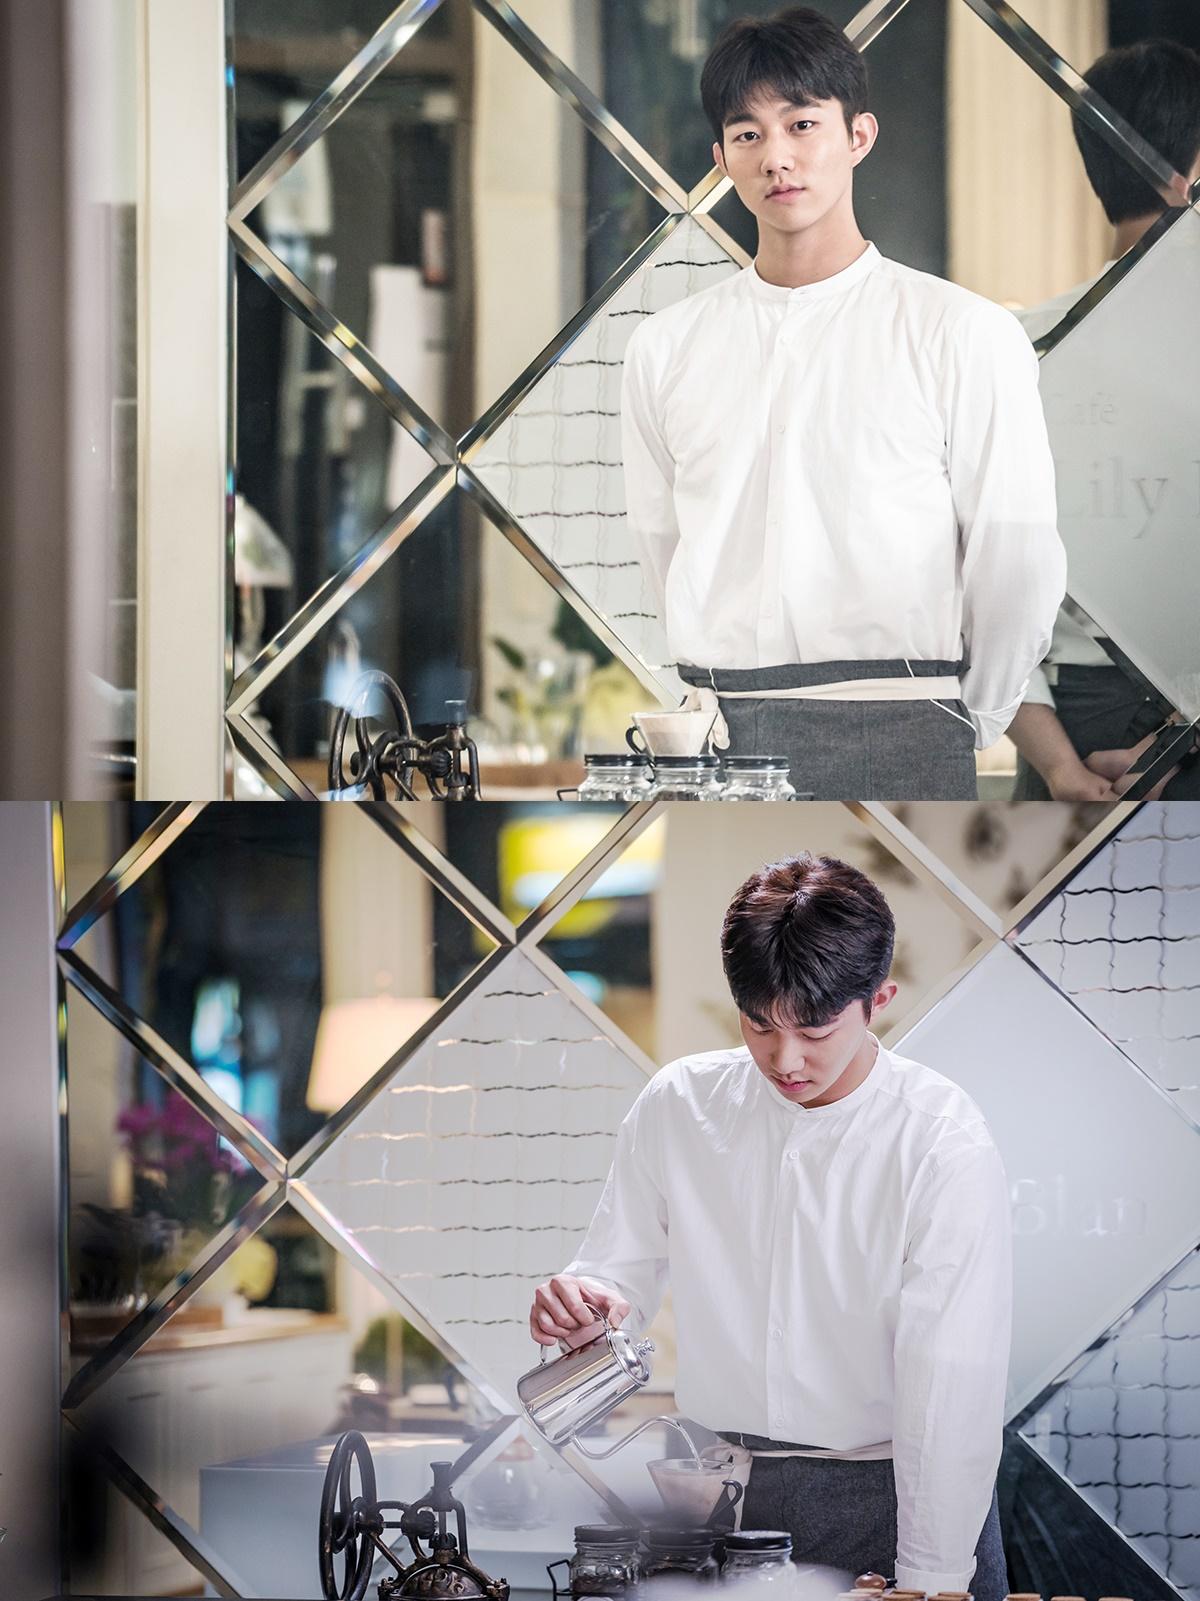 新星KI DO HUN出演电视剧《要先接吻吗》 预告获认可